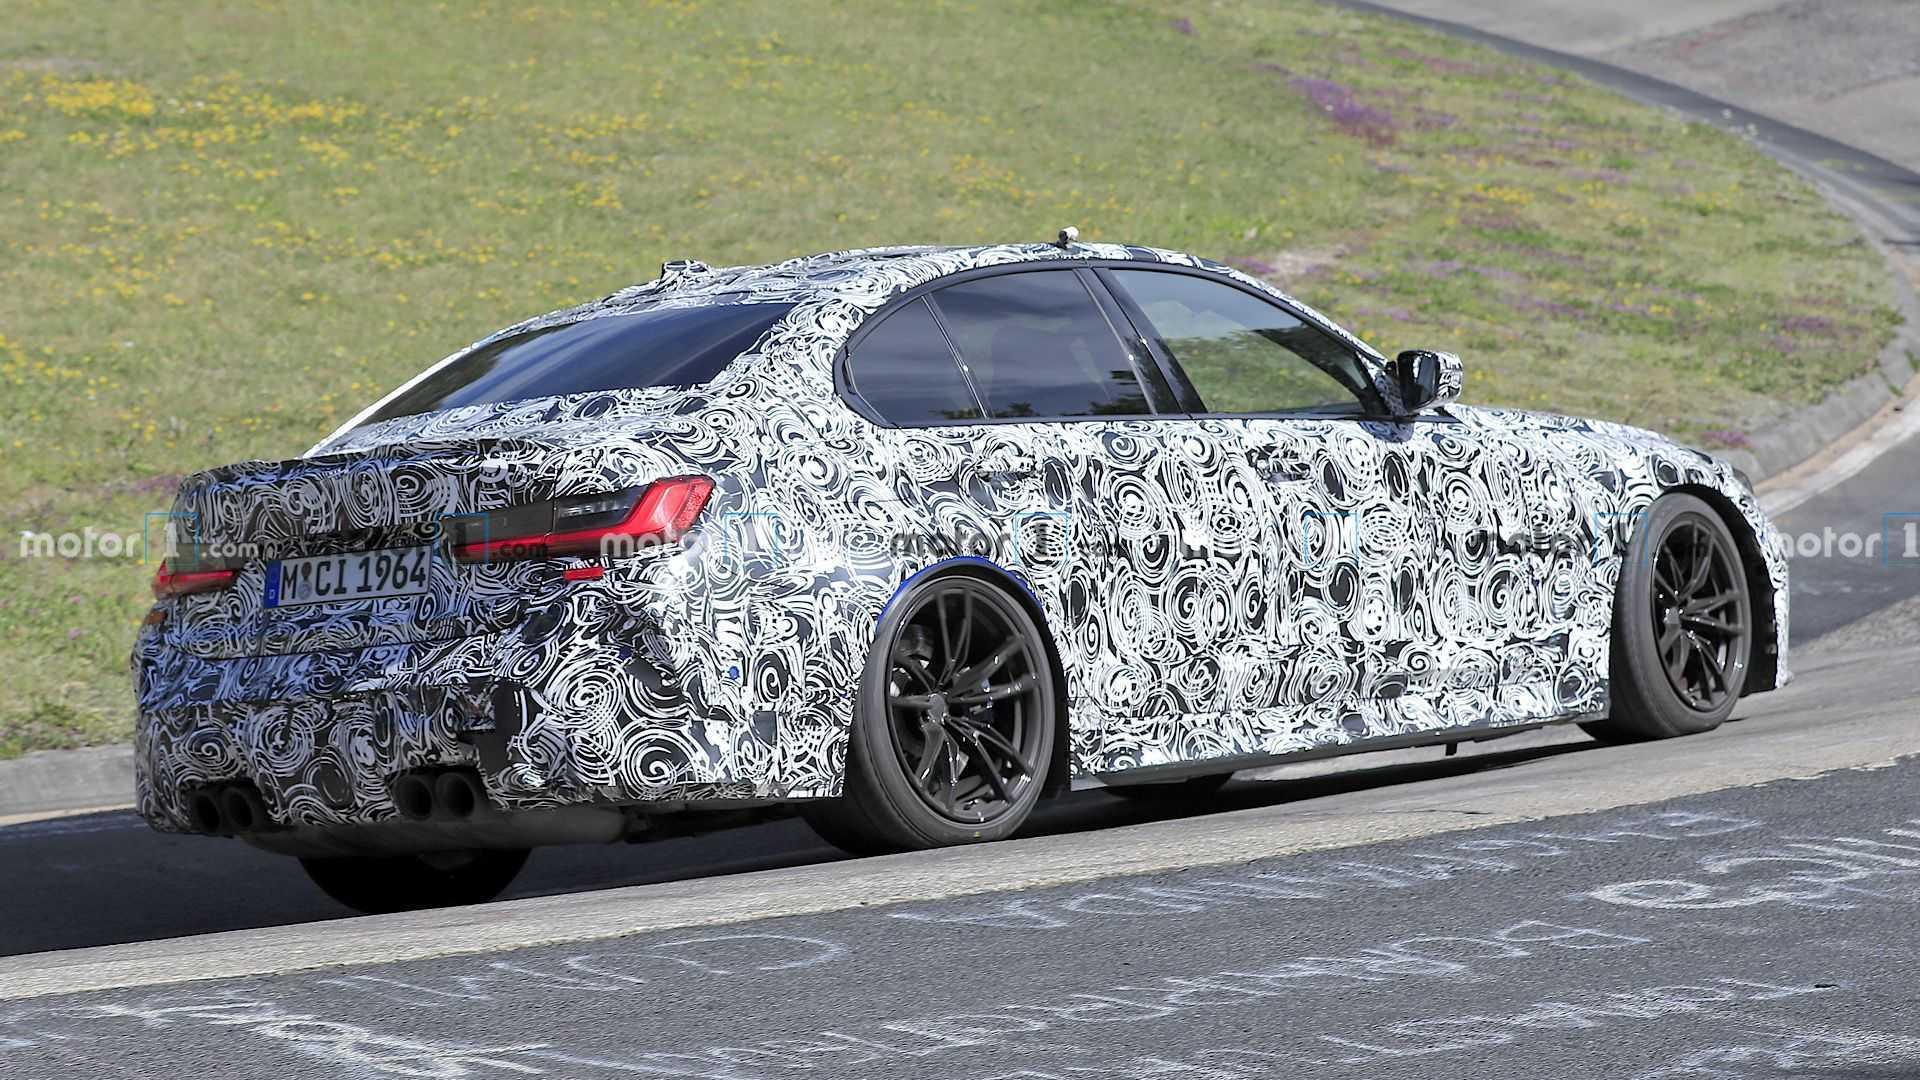 2020 - [BMW] M3/M4 - Page 18 Bmw-m3-spy-photos-rear-3-4